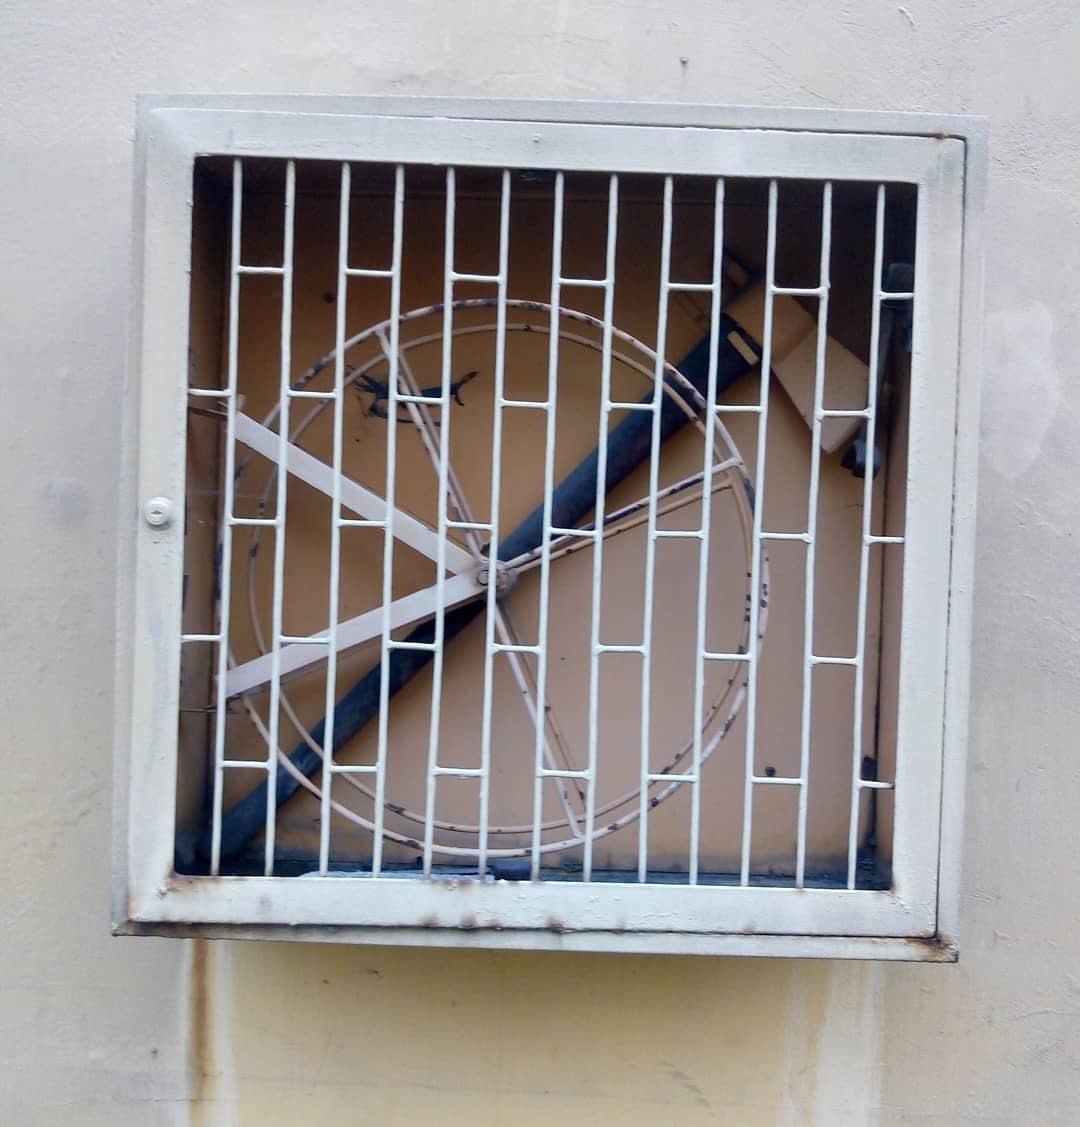 Caja de metal en una pared que tiene una rueda y un hacha en el fondo.